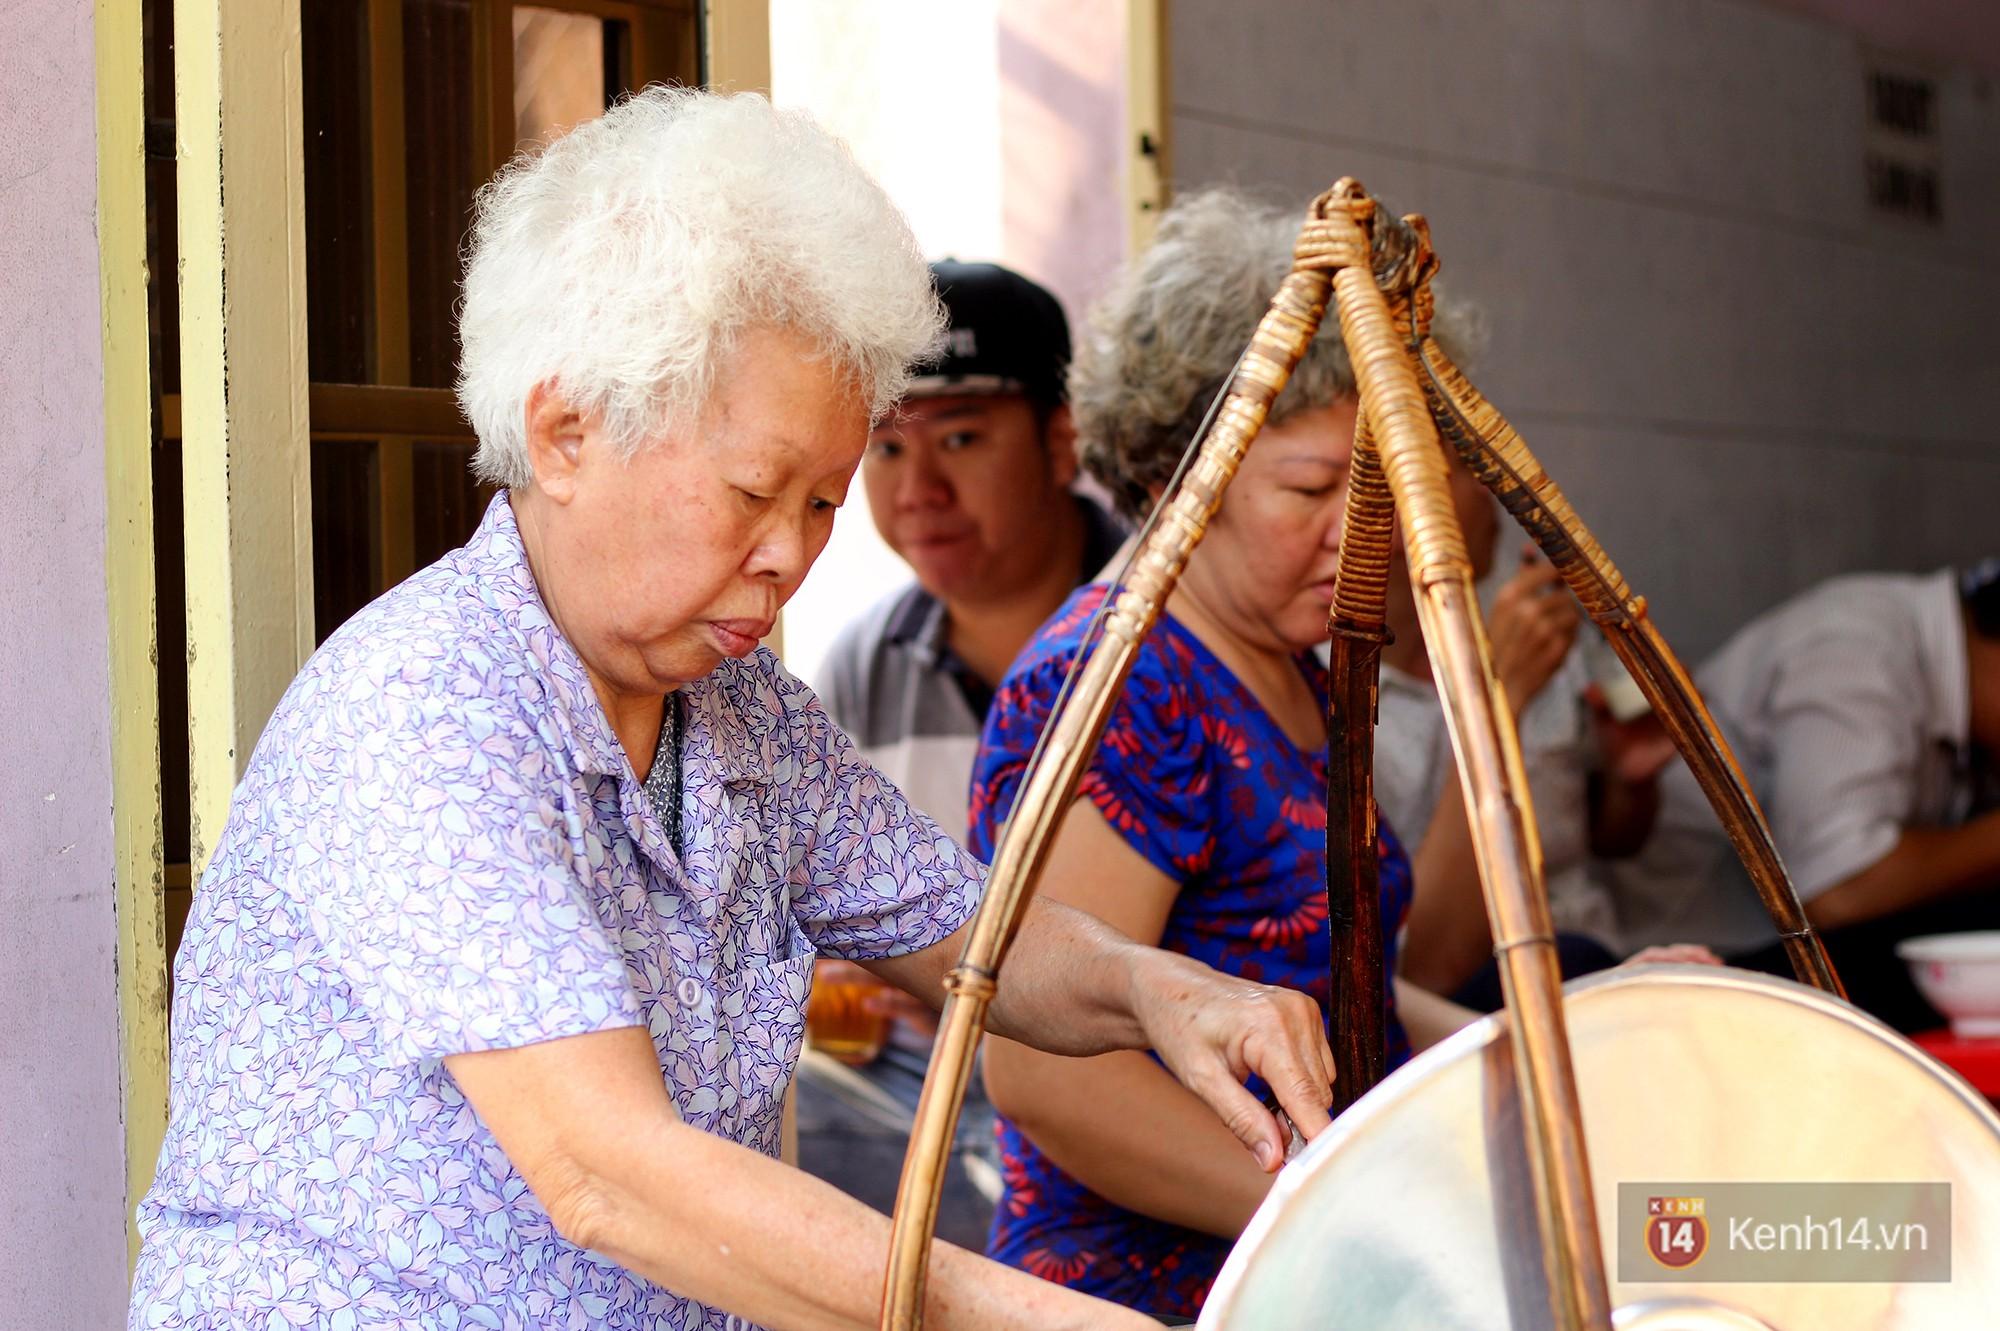 Đây đích thị là hàng bánh canh bán sướng nhất Sài Gòn: mỗi ngày chỉ cần bán 1 tiếng là hết sạch - Ảnh 2.